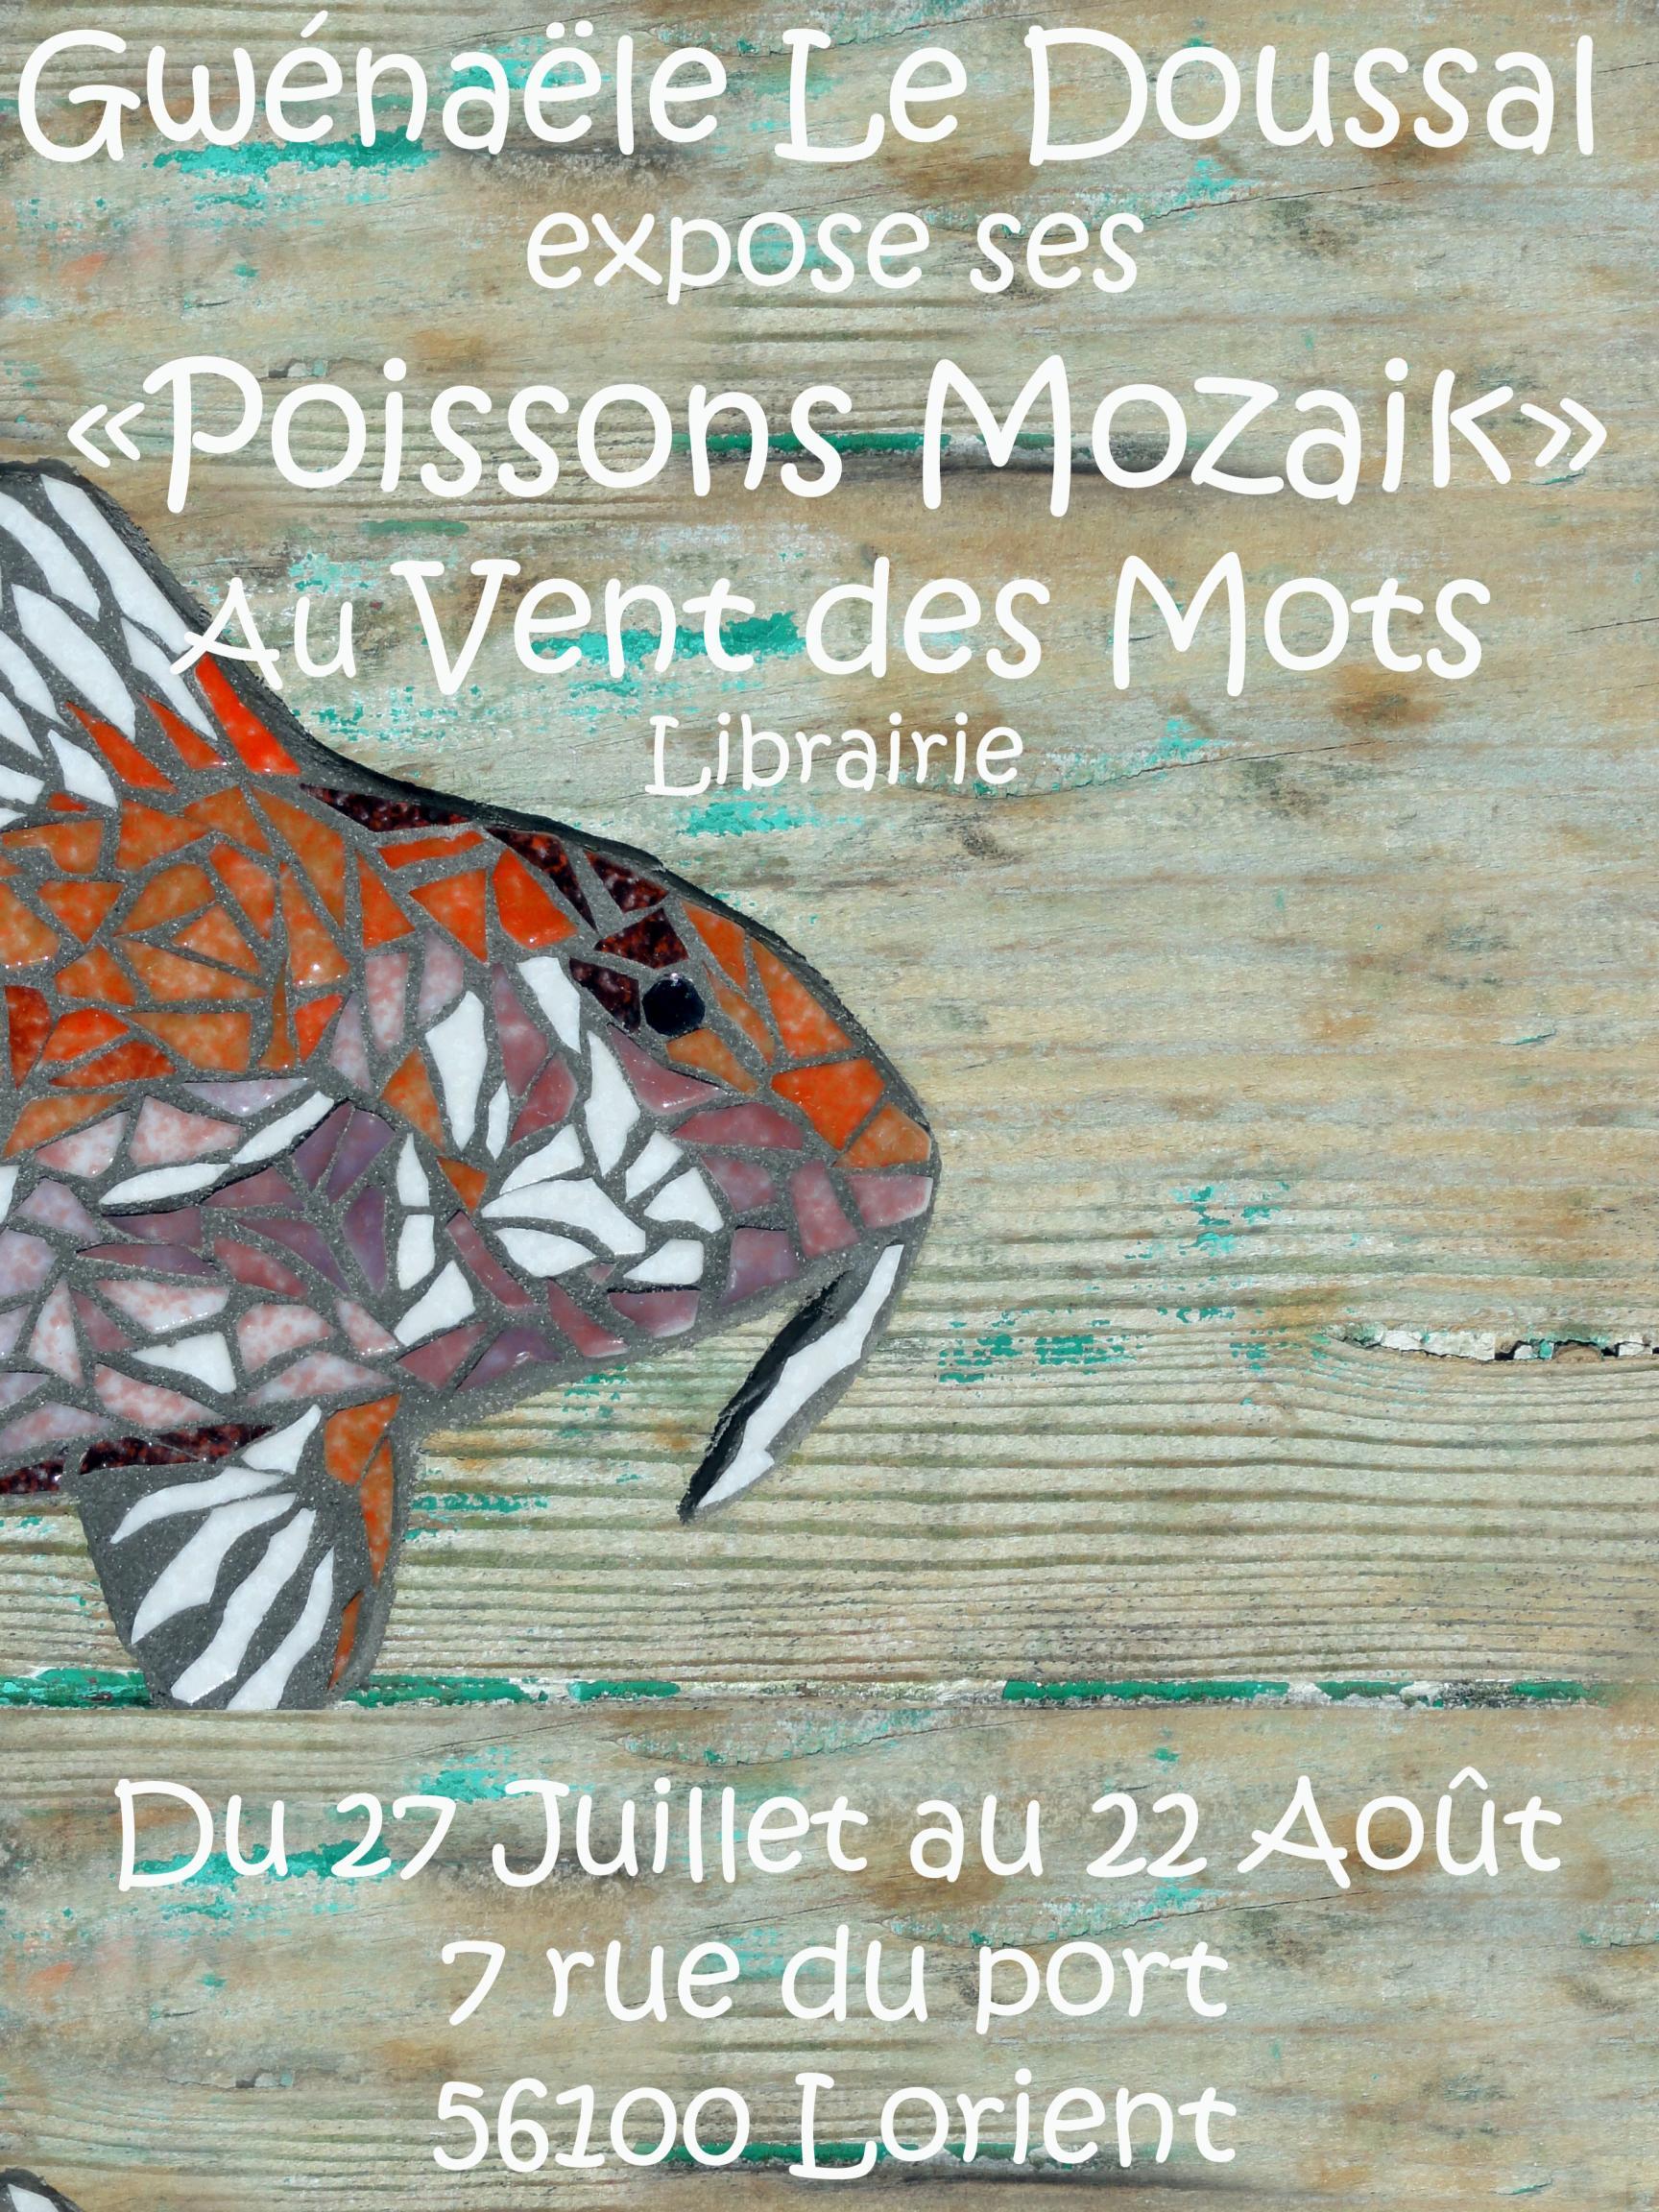 Actualit� de gwenaele le doussal passionmozaik Exposition Mosa�que